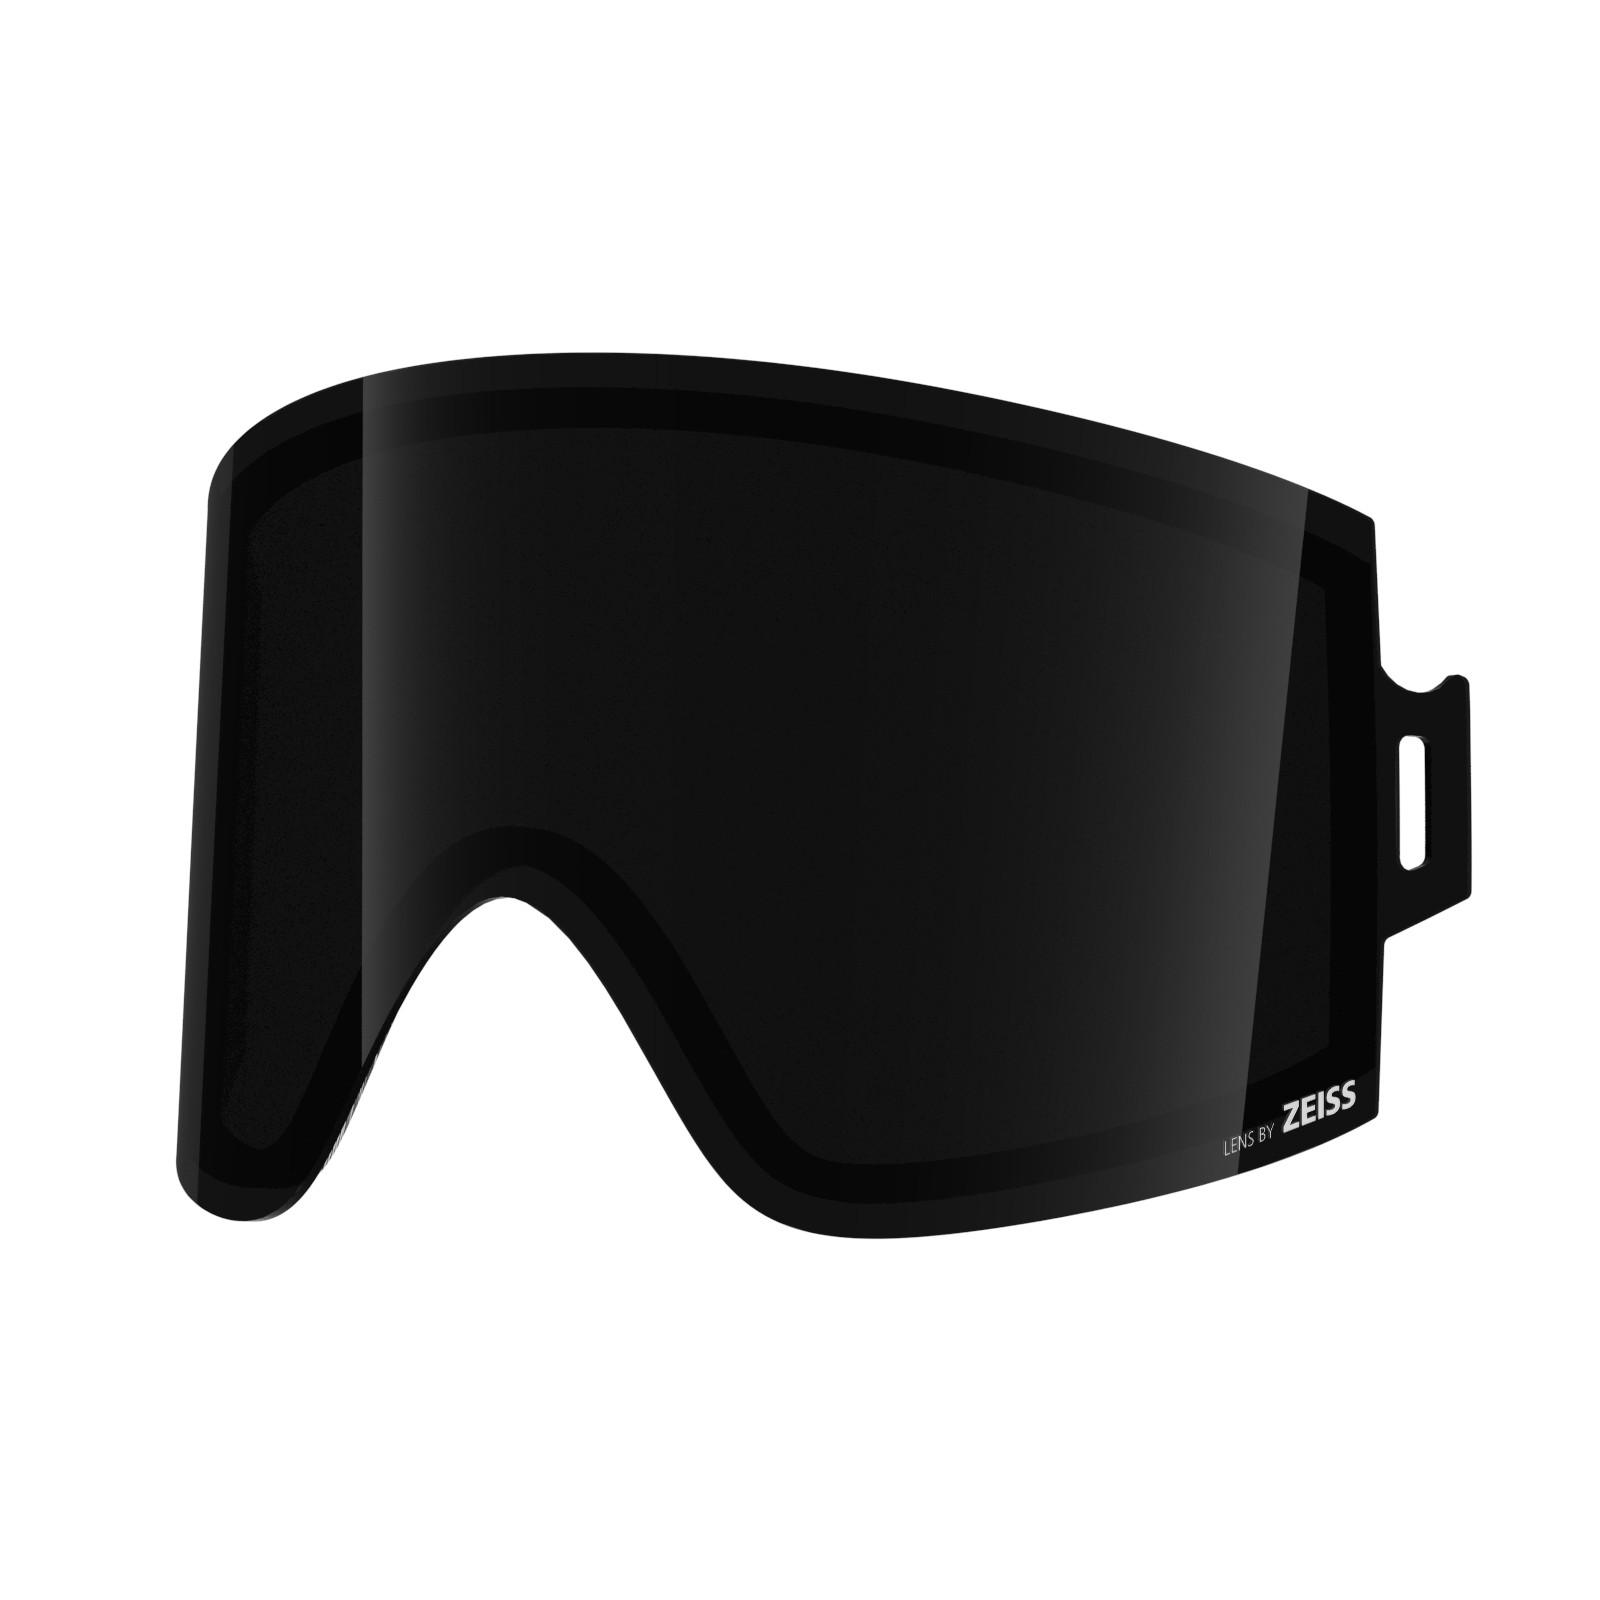 DARK SMOKE lens for  Katana goggle